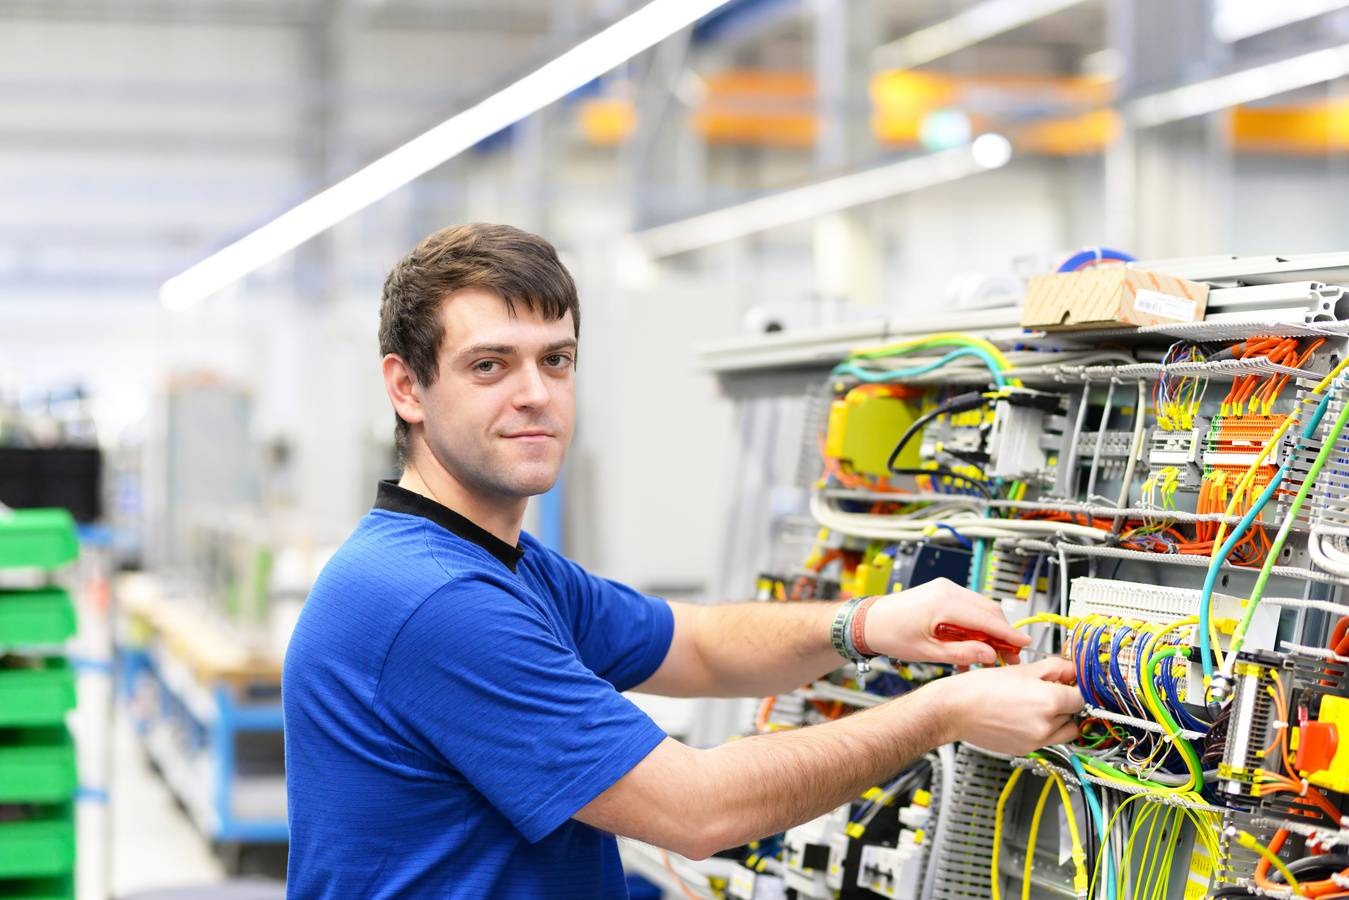 Elektroniker - Gebäude- und Infrastruktursysteme